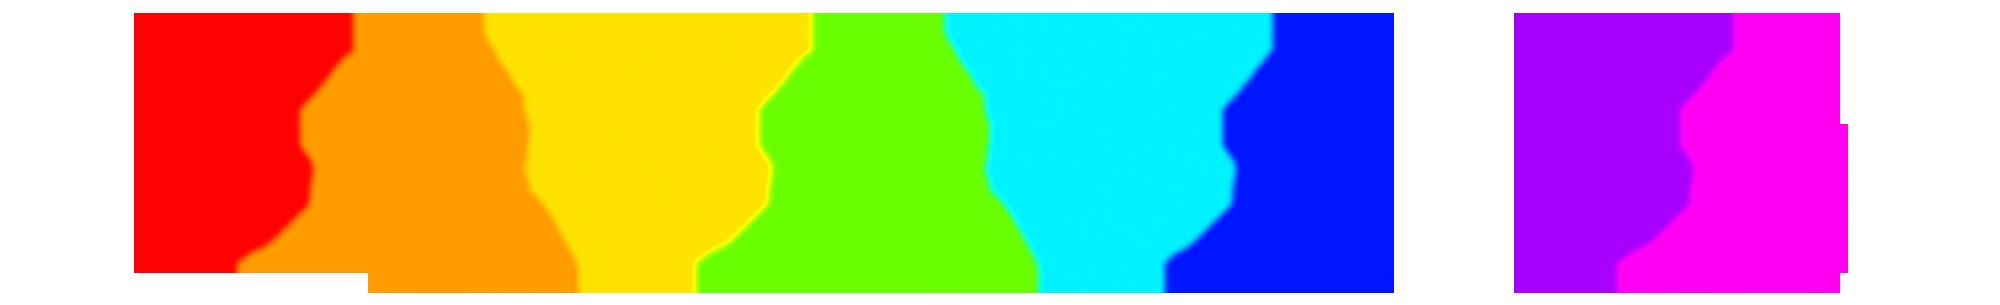 handprints.png